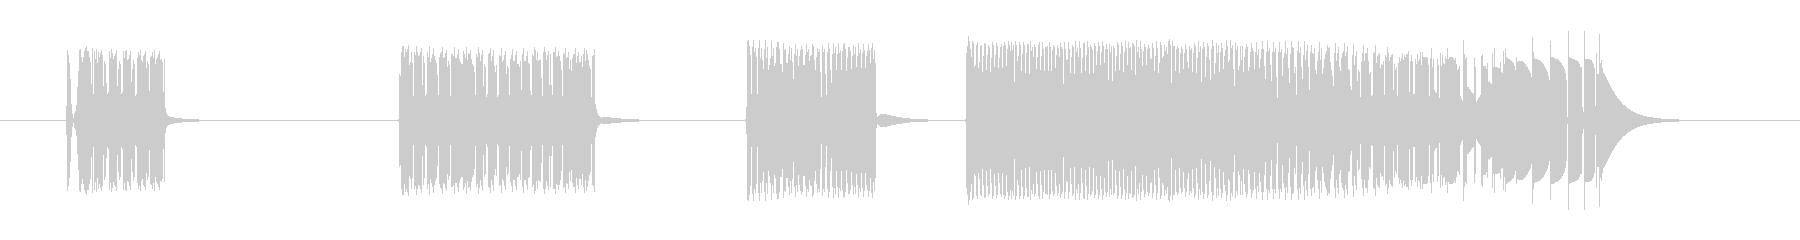 スタッターバズスワイプ5の未再生の波形